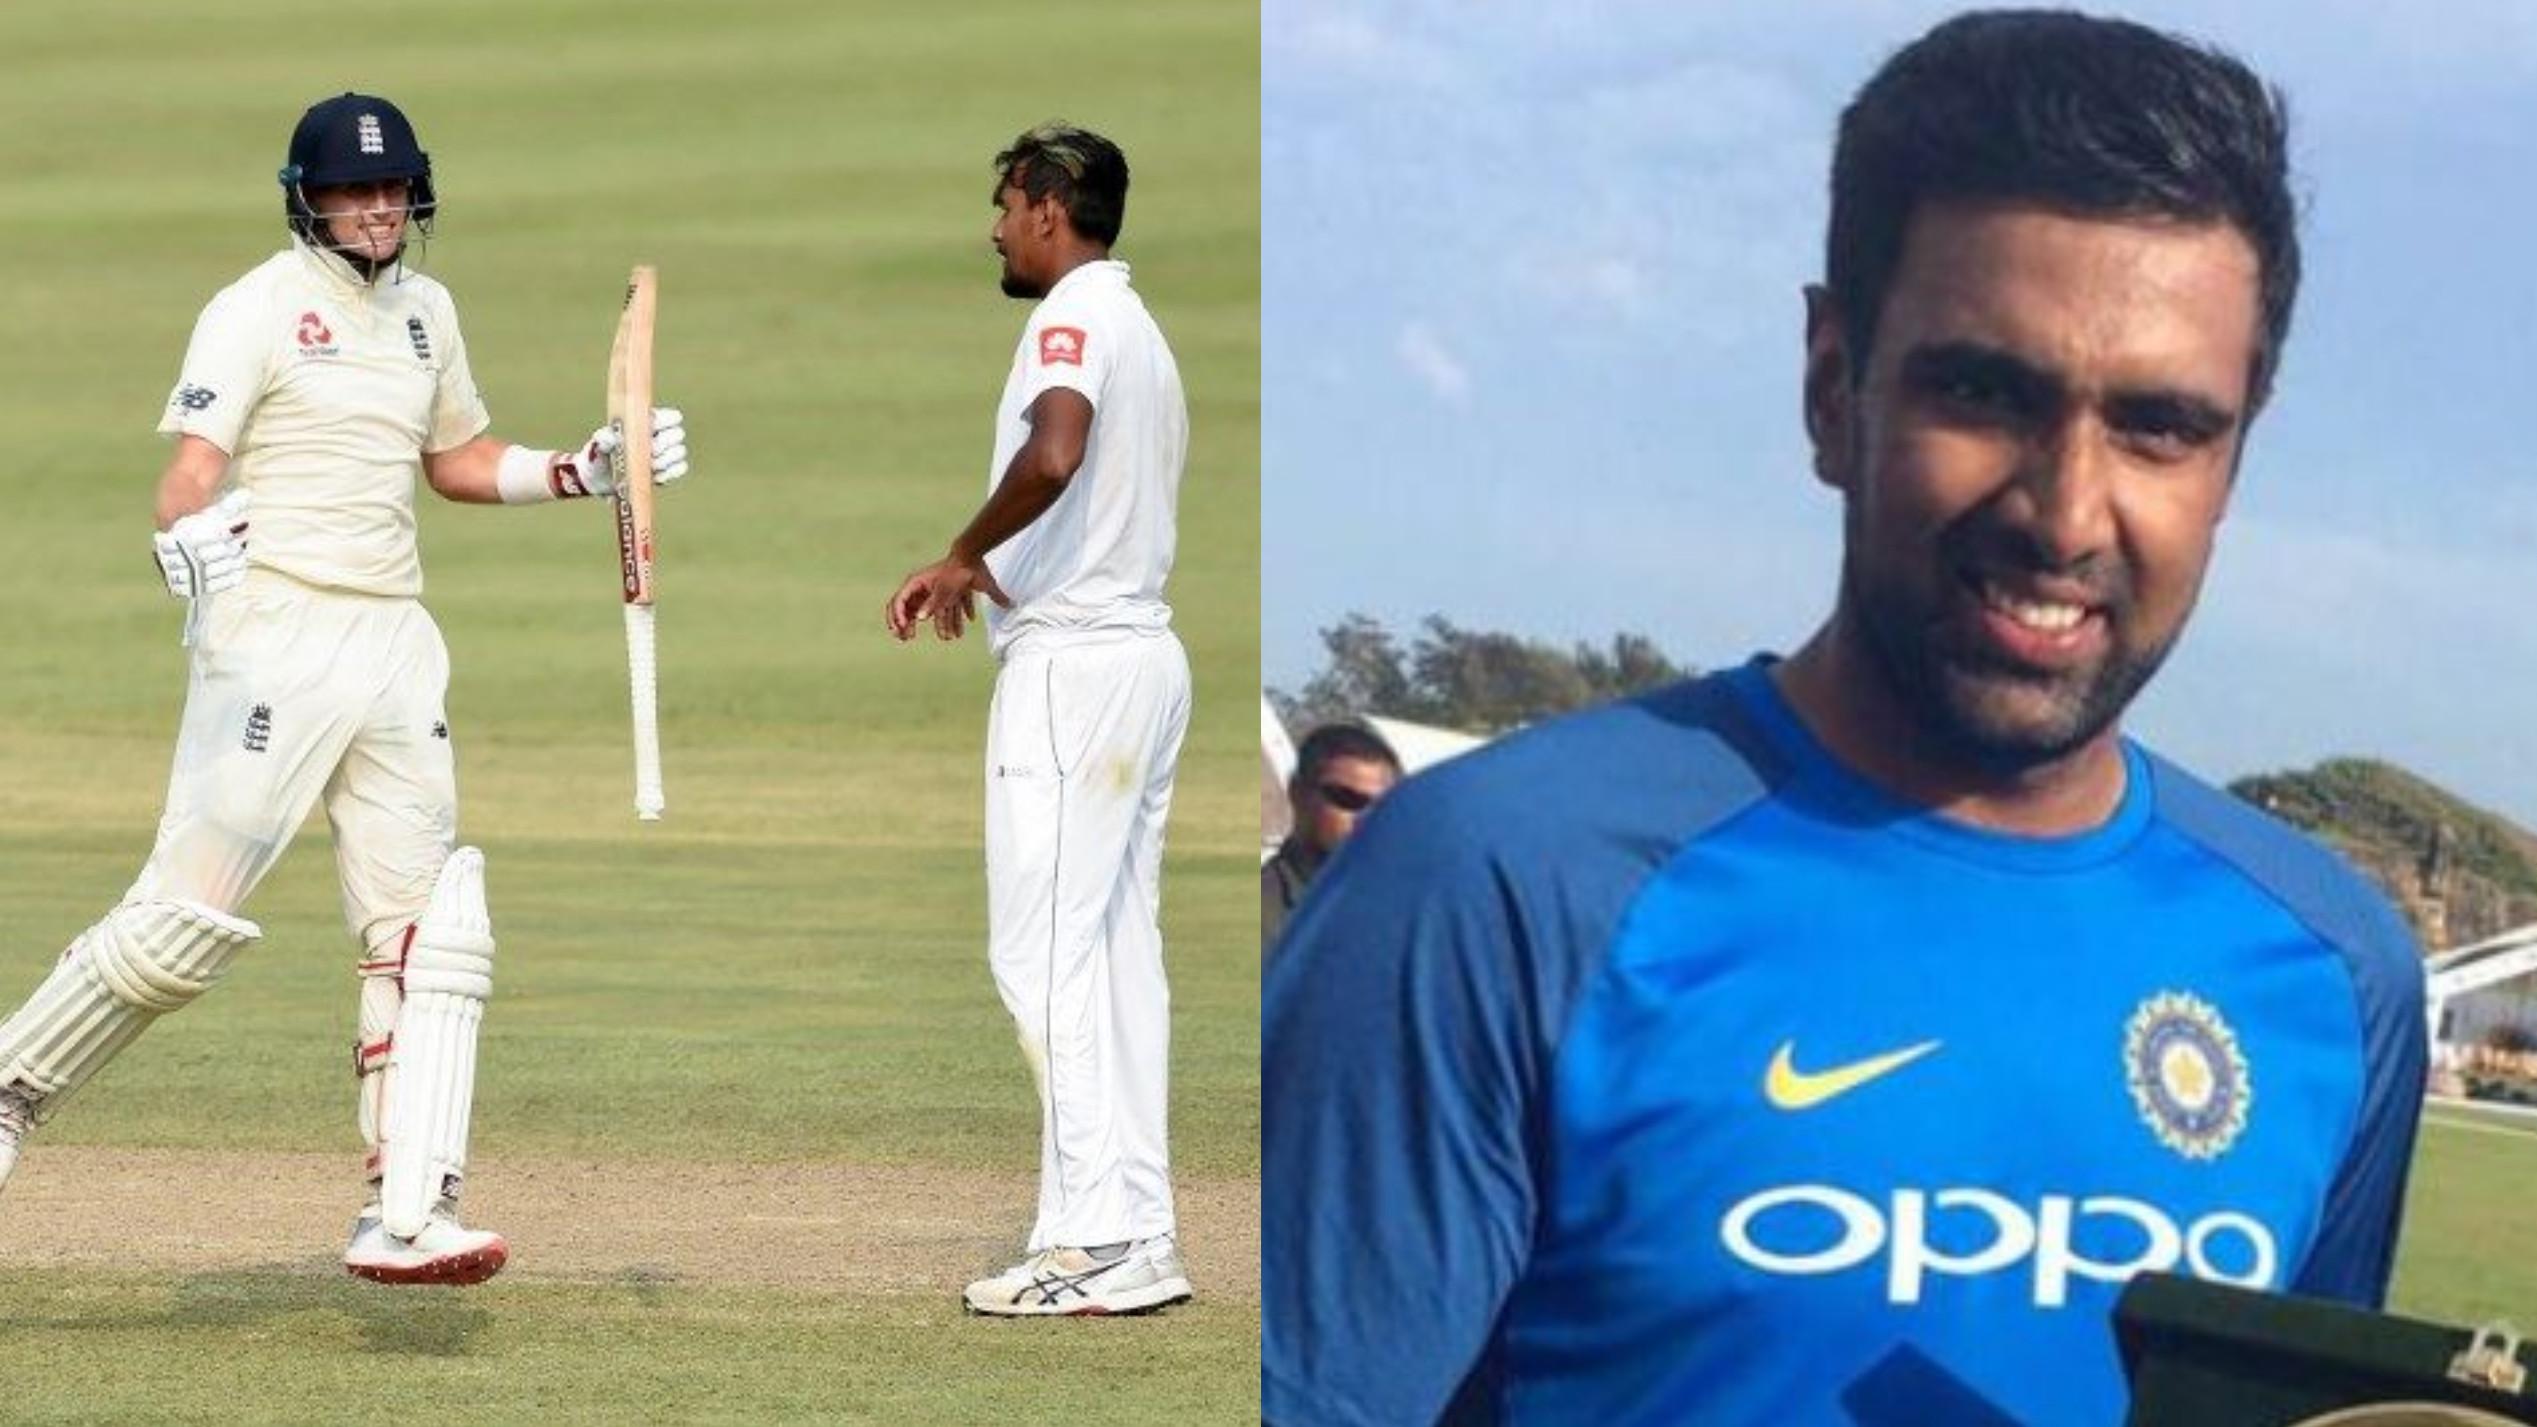 रवि अश्विन ने श्रीलंका और इंग्लैंड के बीच खेले जा रहे दूसरे टेस्ट मैच का एक उत्साही फैन की तरह लिया आनंद